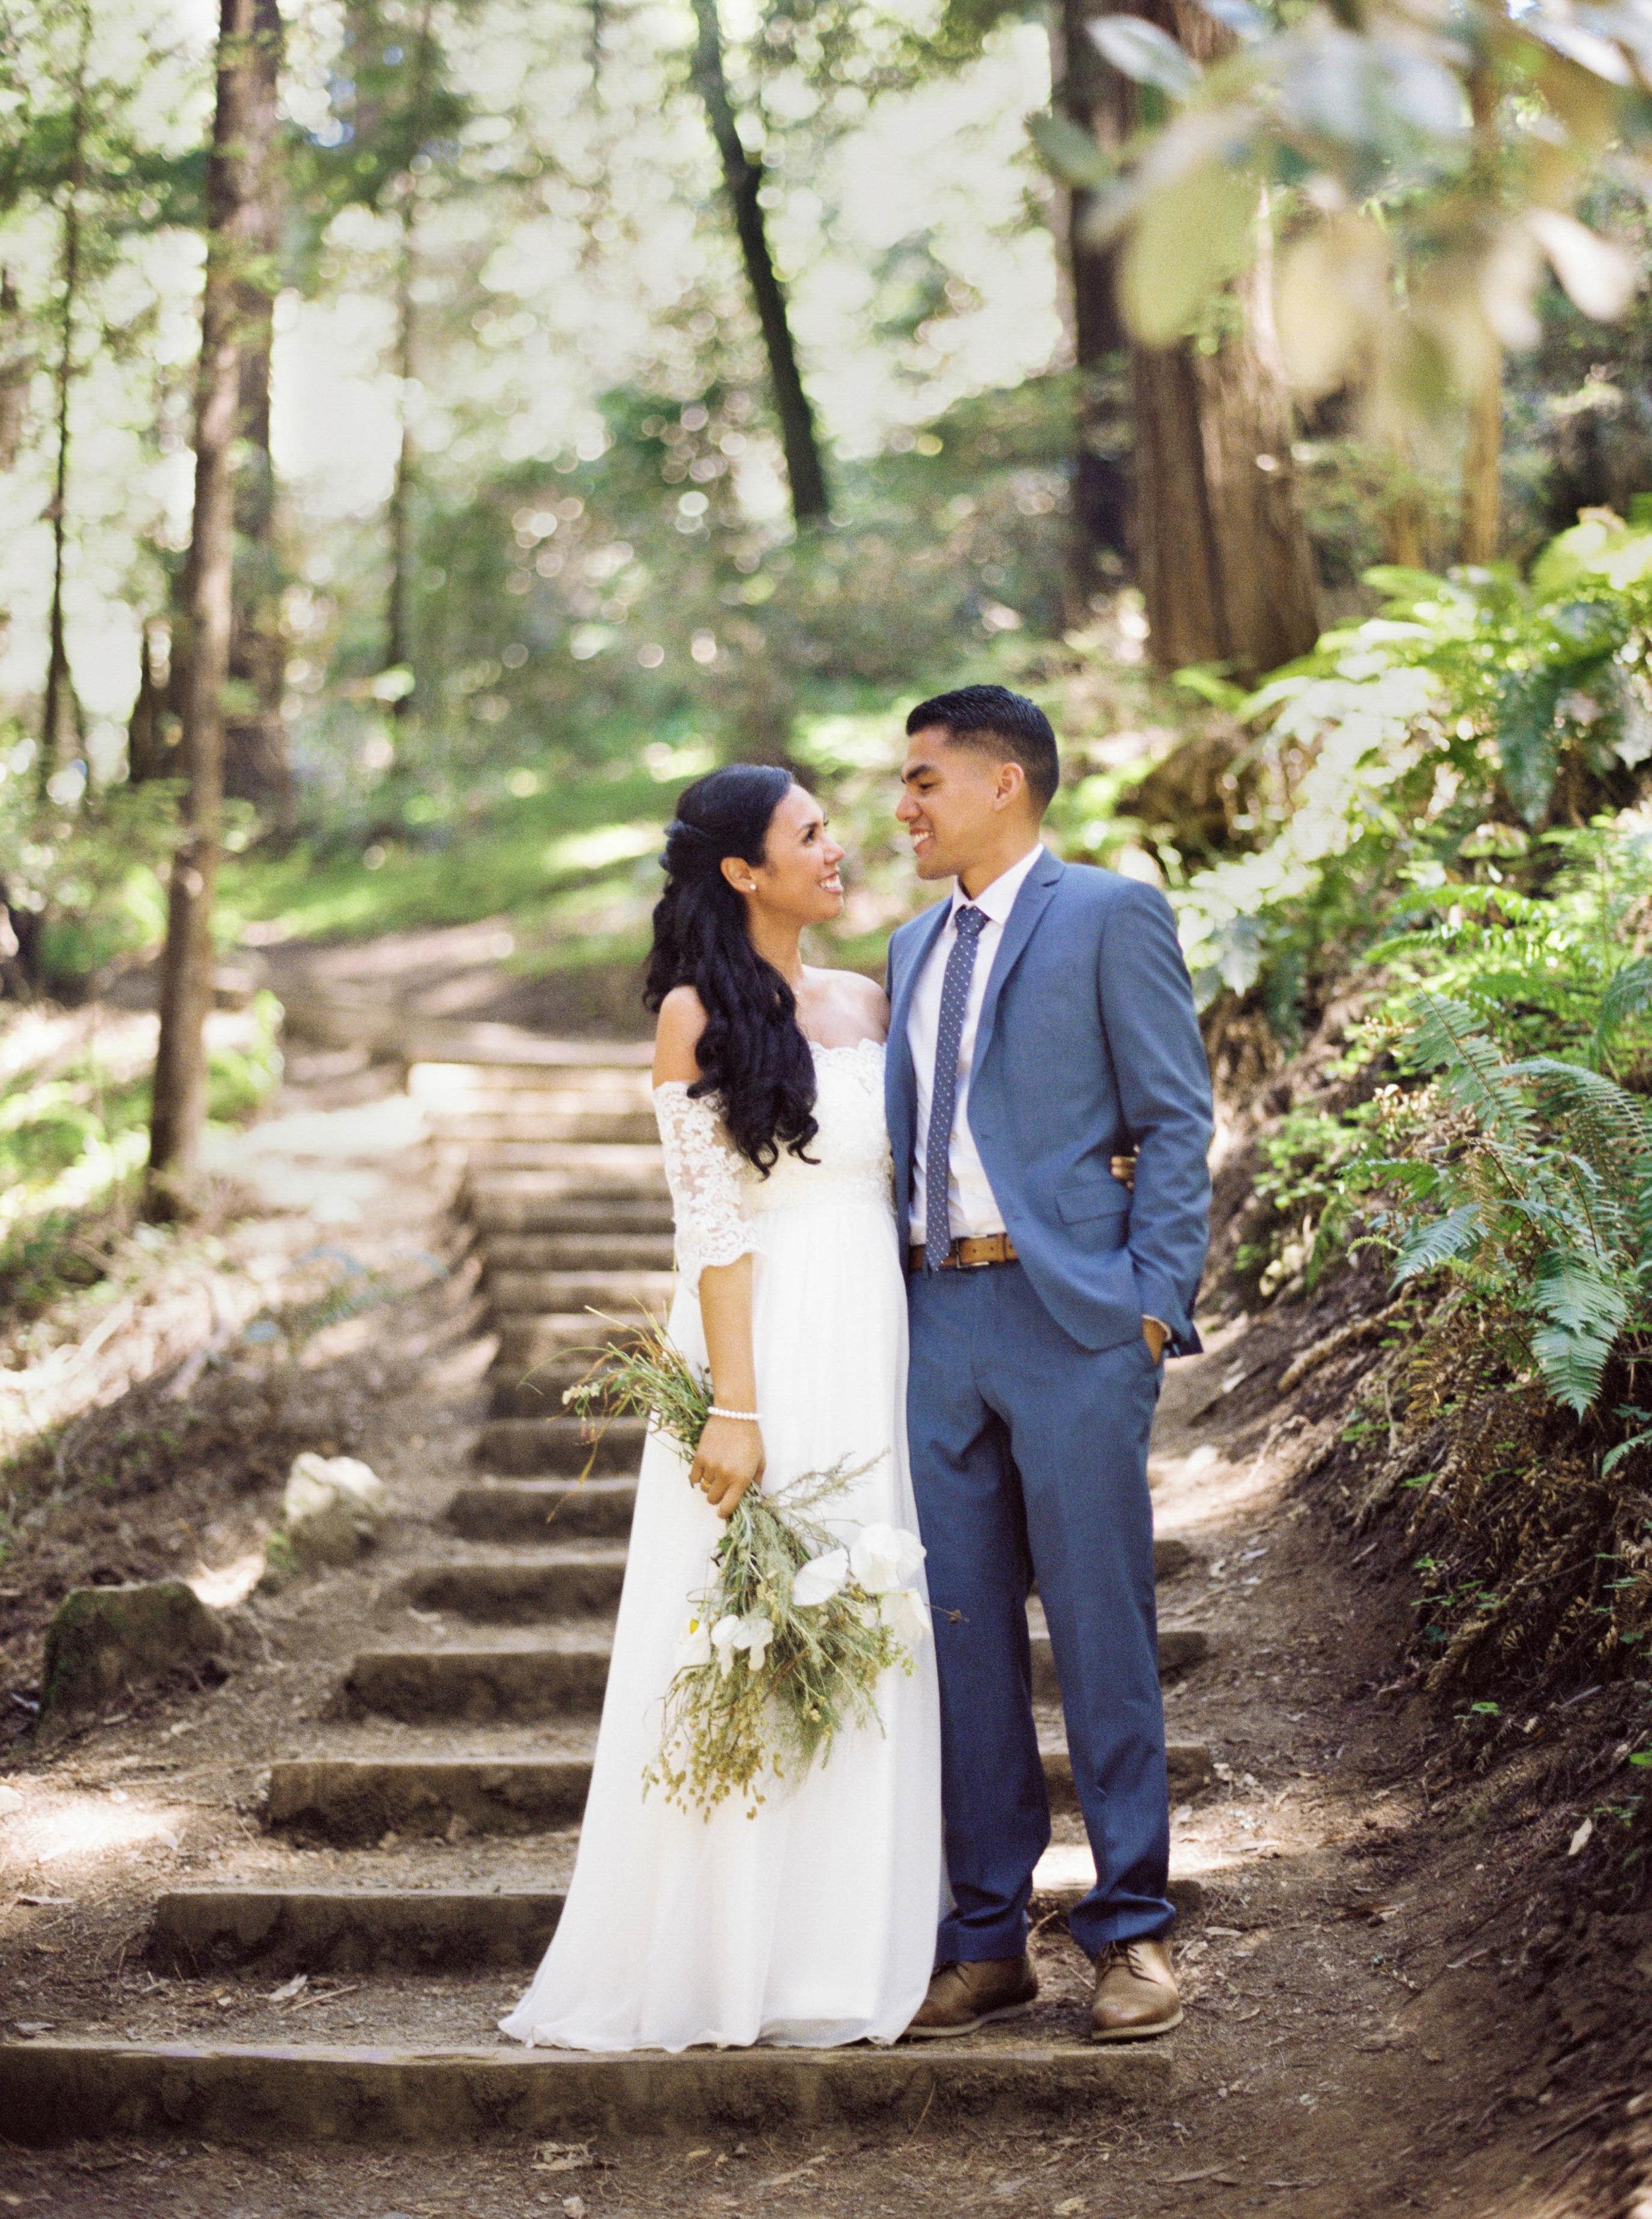 012_Krysten-Crebin-Muir-Woods-Elopement-Wedding-Photographer.jpg